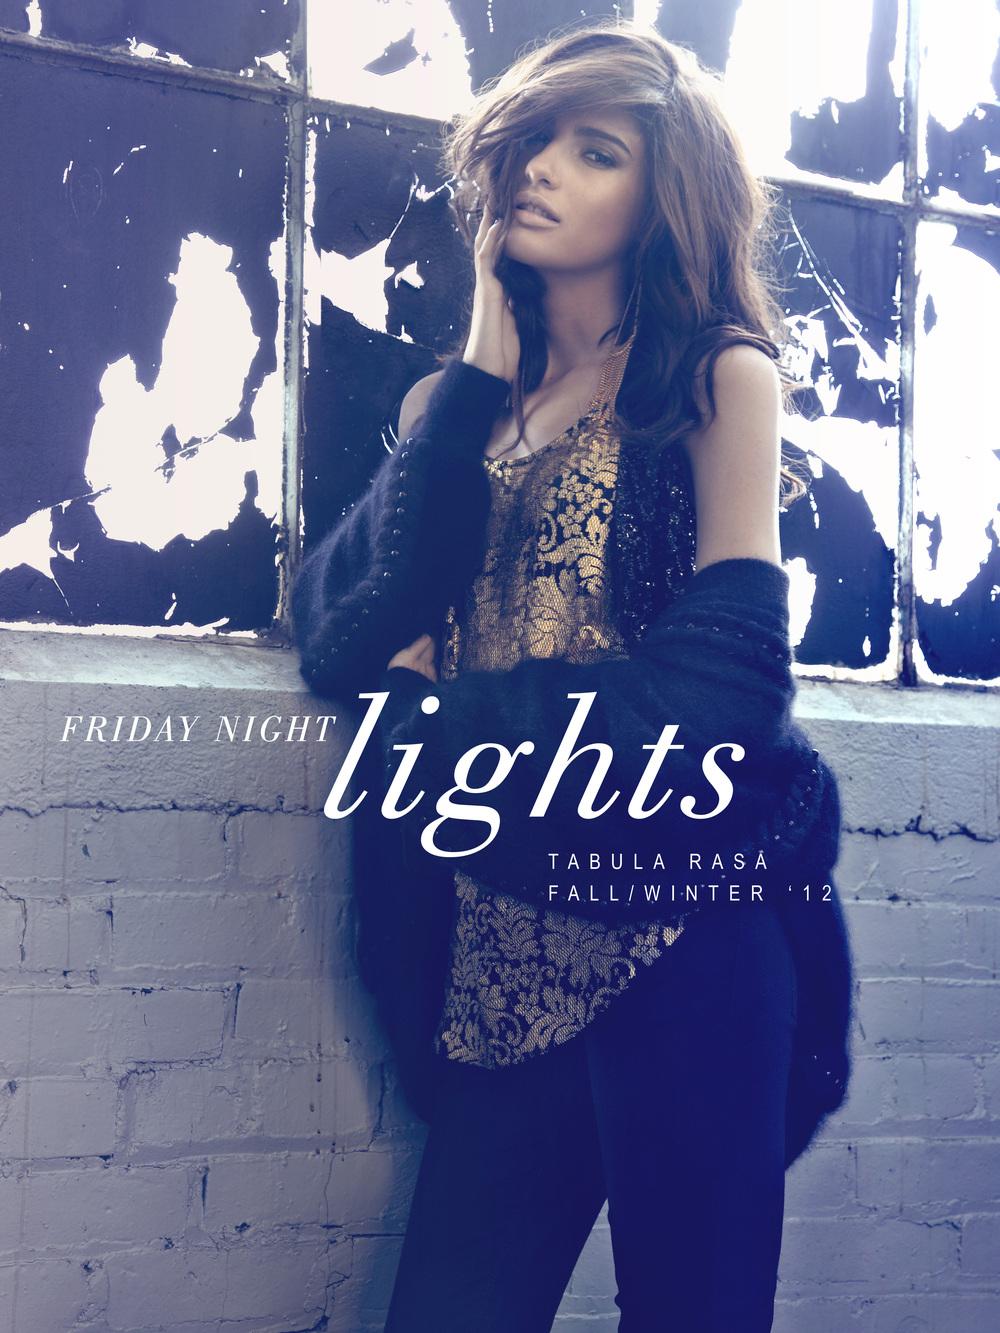 FridayNightLights-editorial.jpg